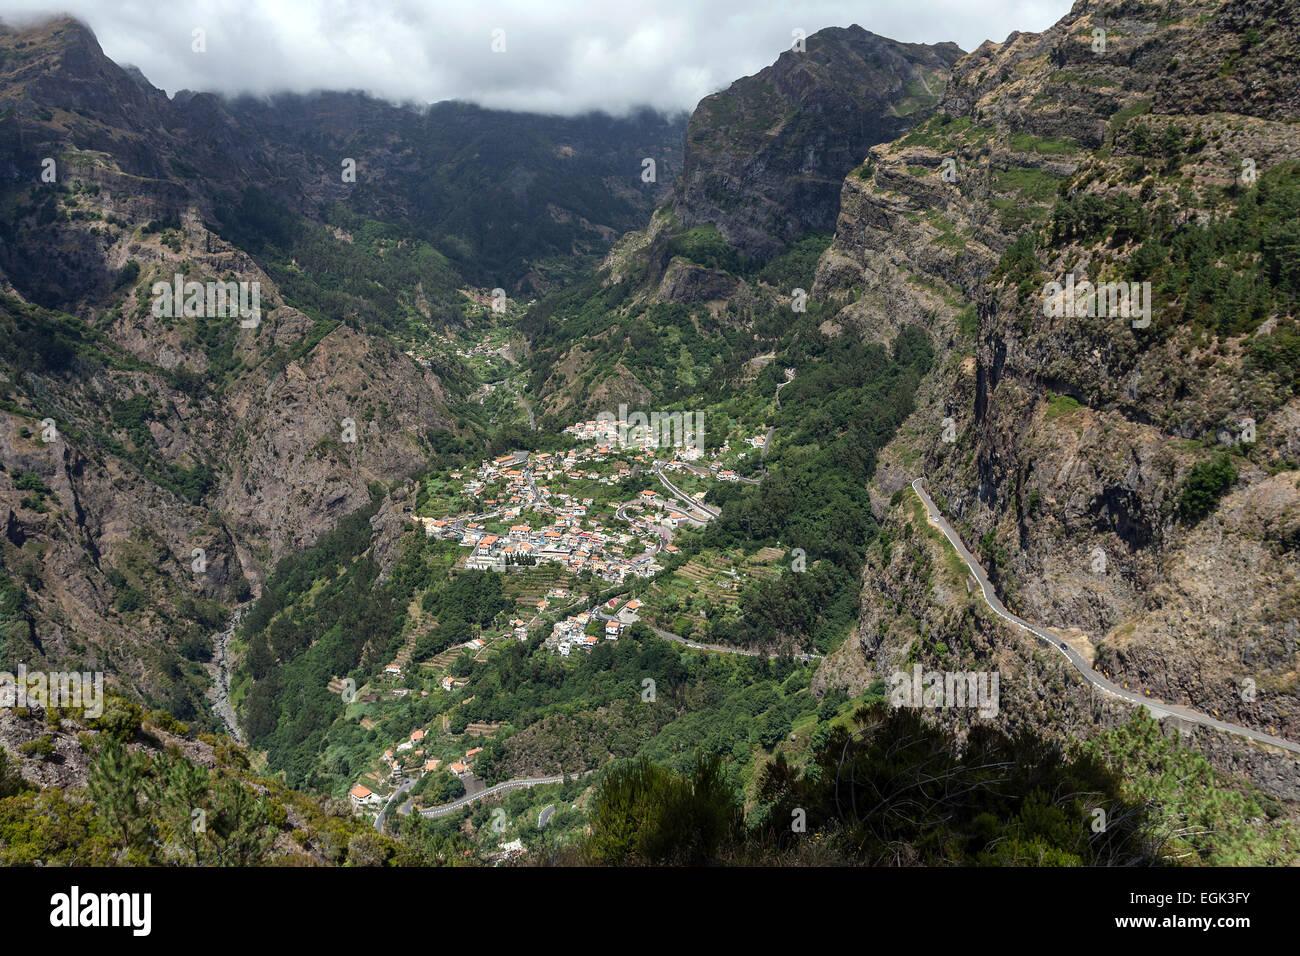 View from Eira do Serrado on Curral das Freiras, Madeira, Portugal - Stock Image